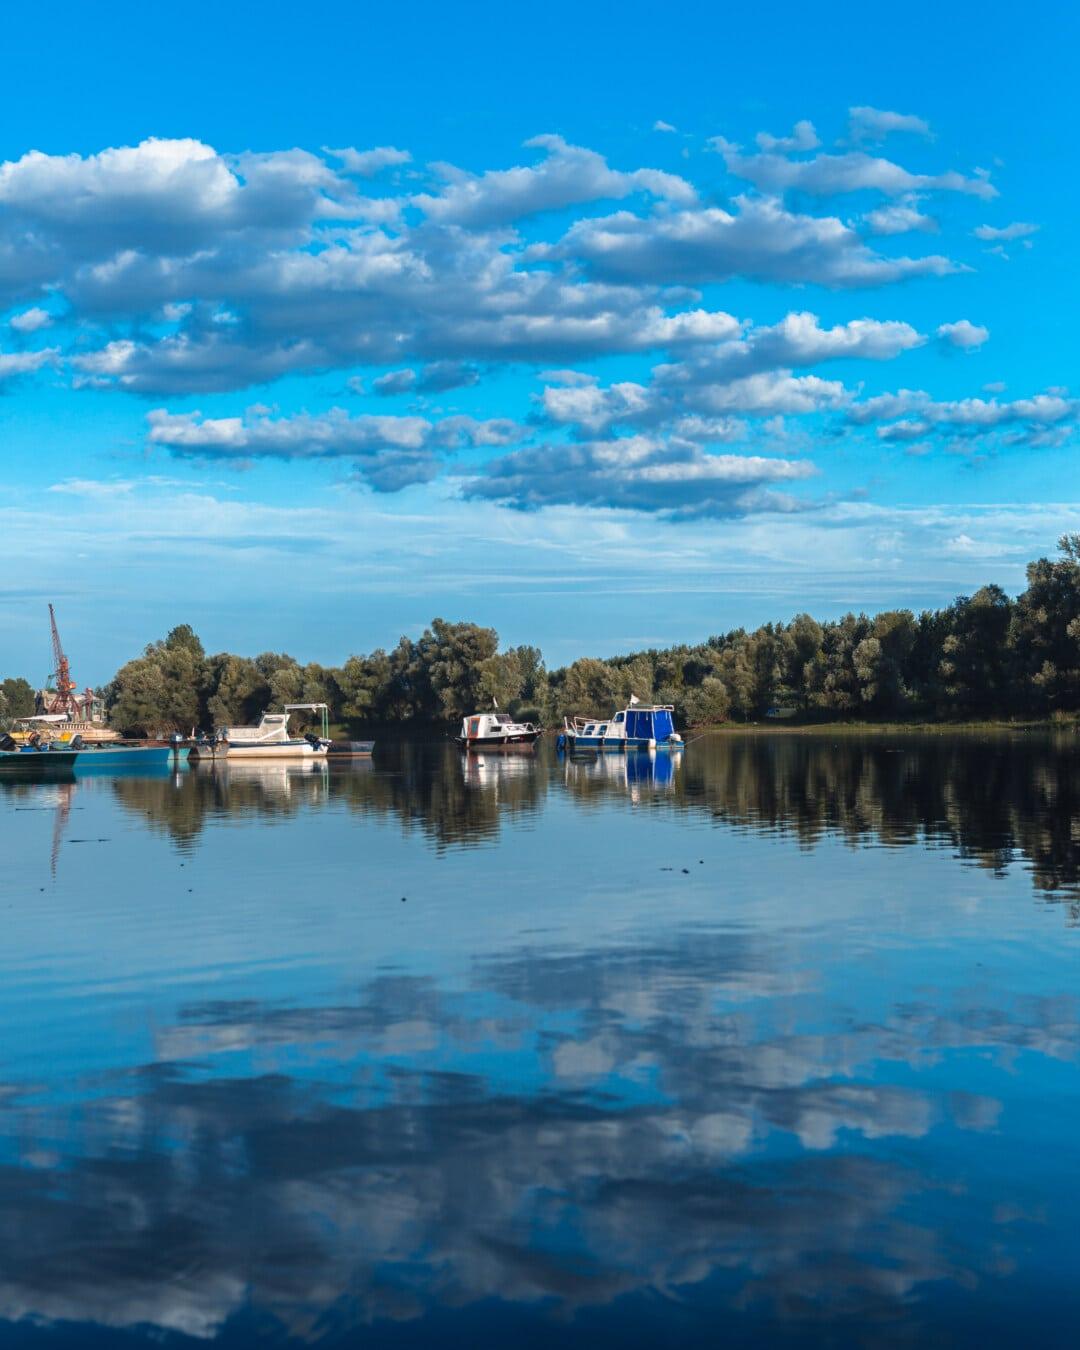 Boote, Schiff, Werft, Seebrücke, Erholungsgebiet, am See, Strand, Wasser, Reflexion, im freien